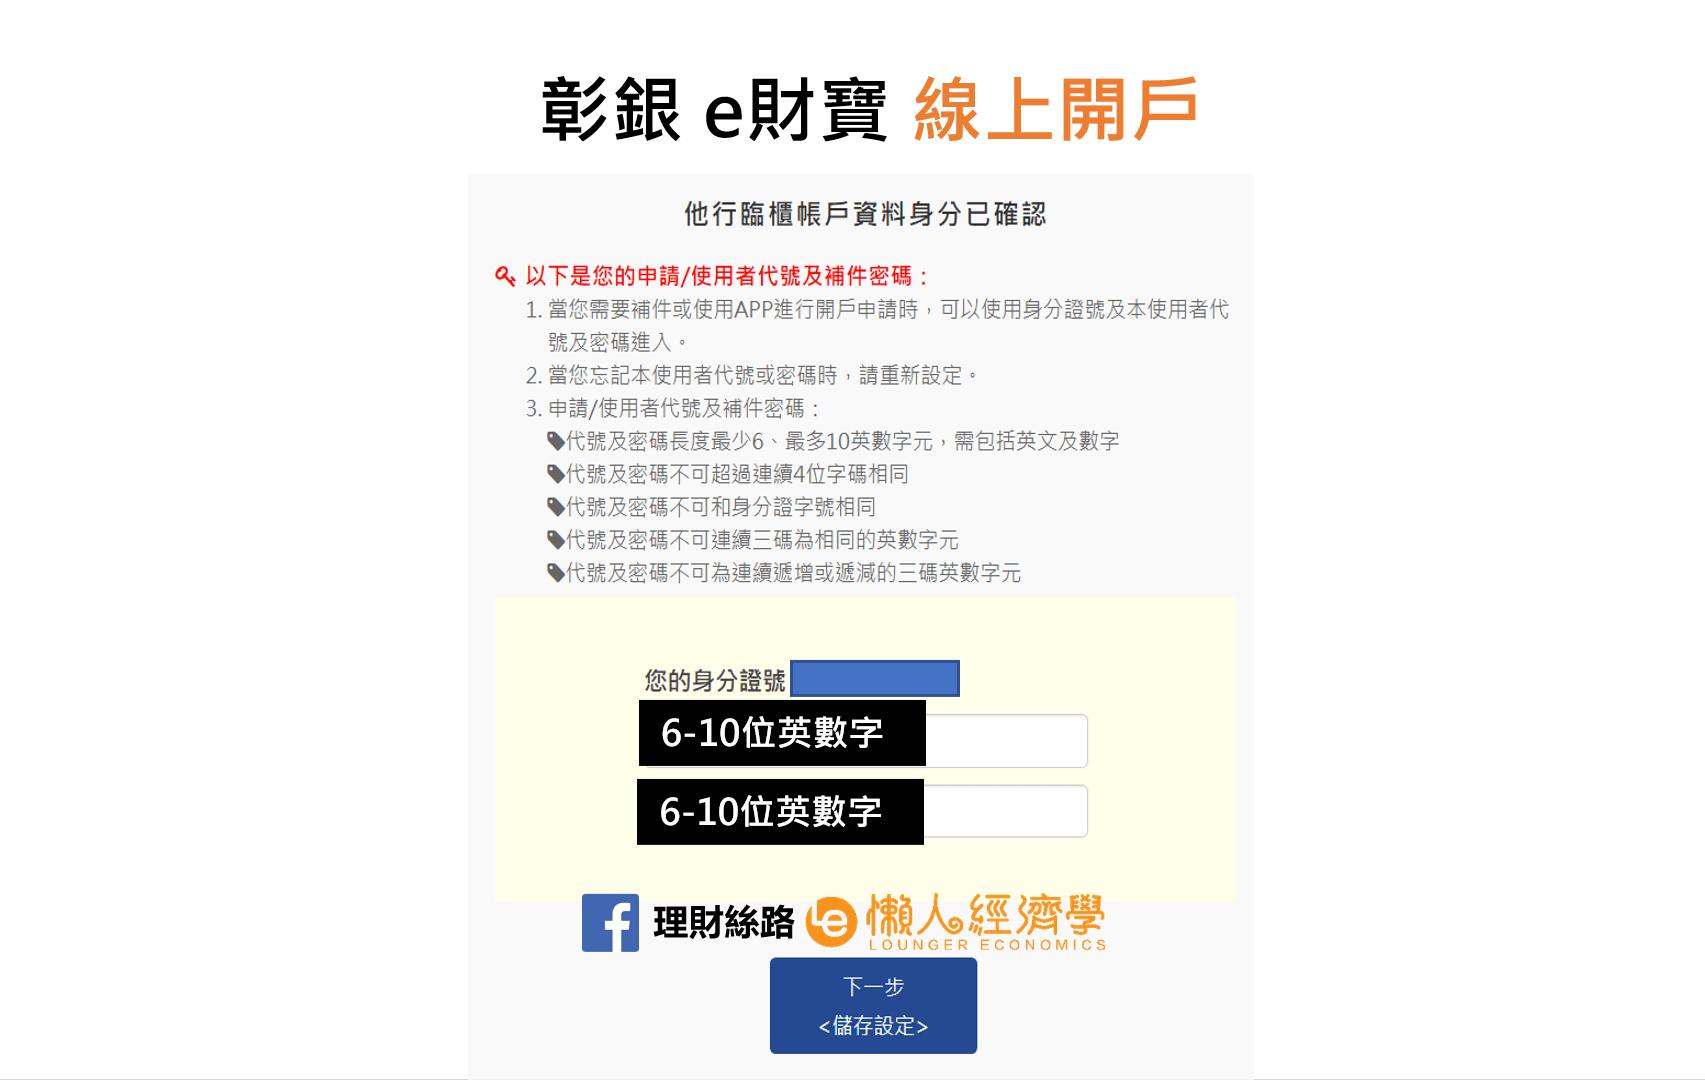 彰銀數位帳戶開戶教學-6